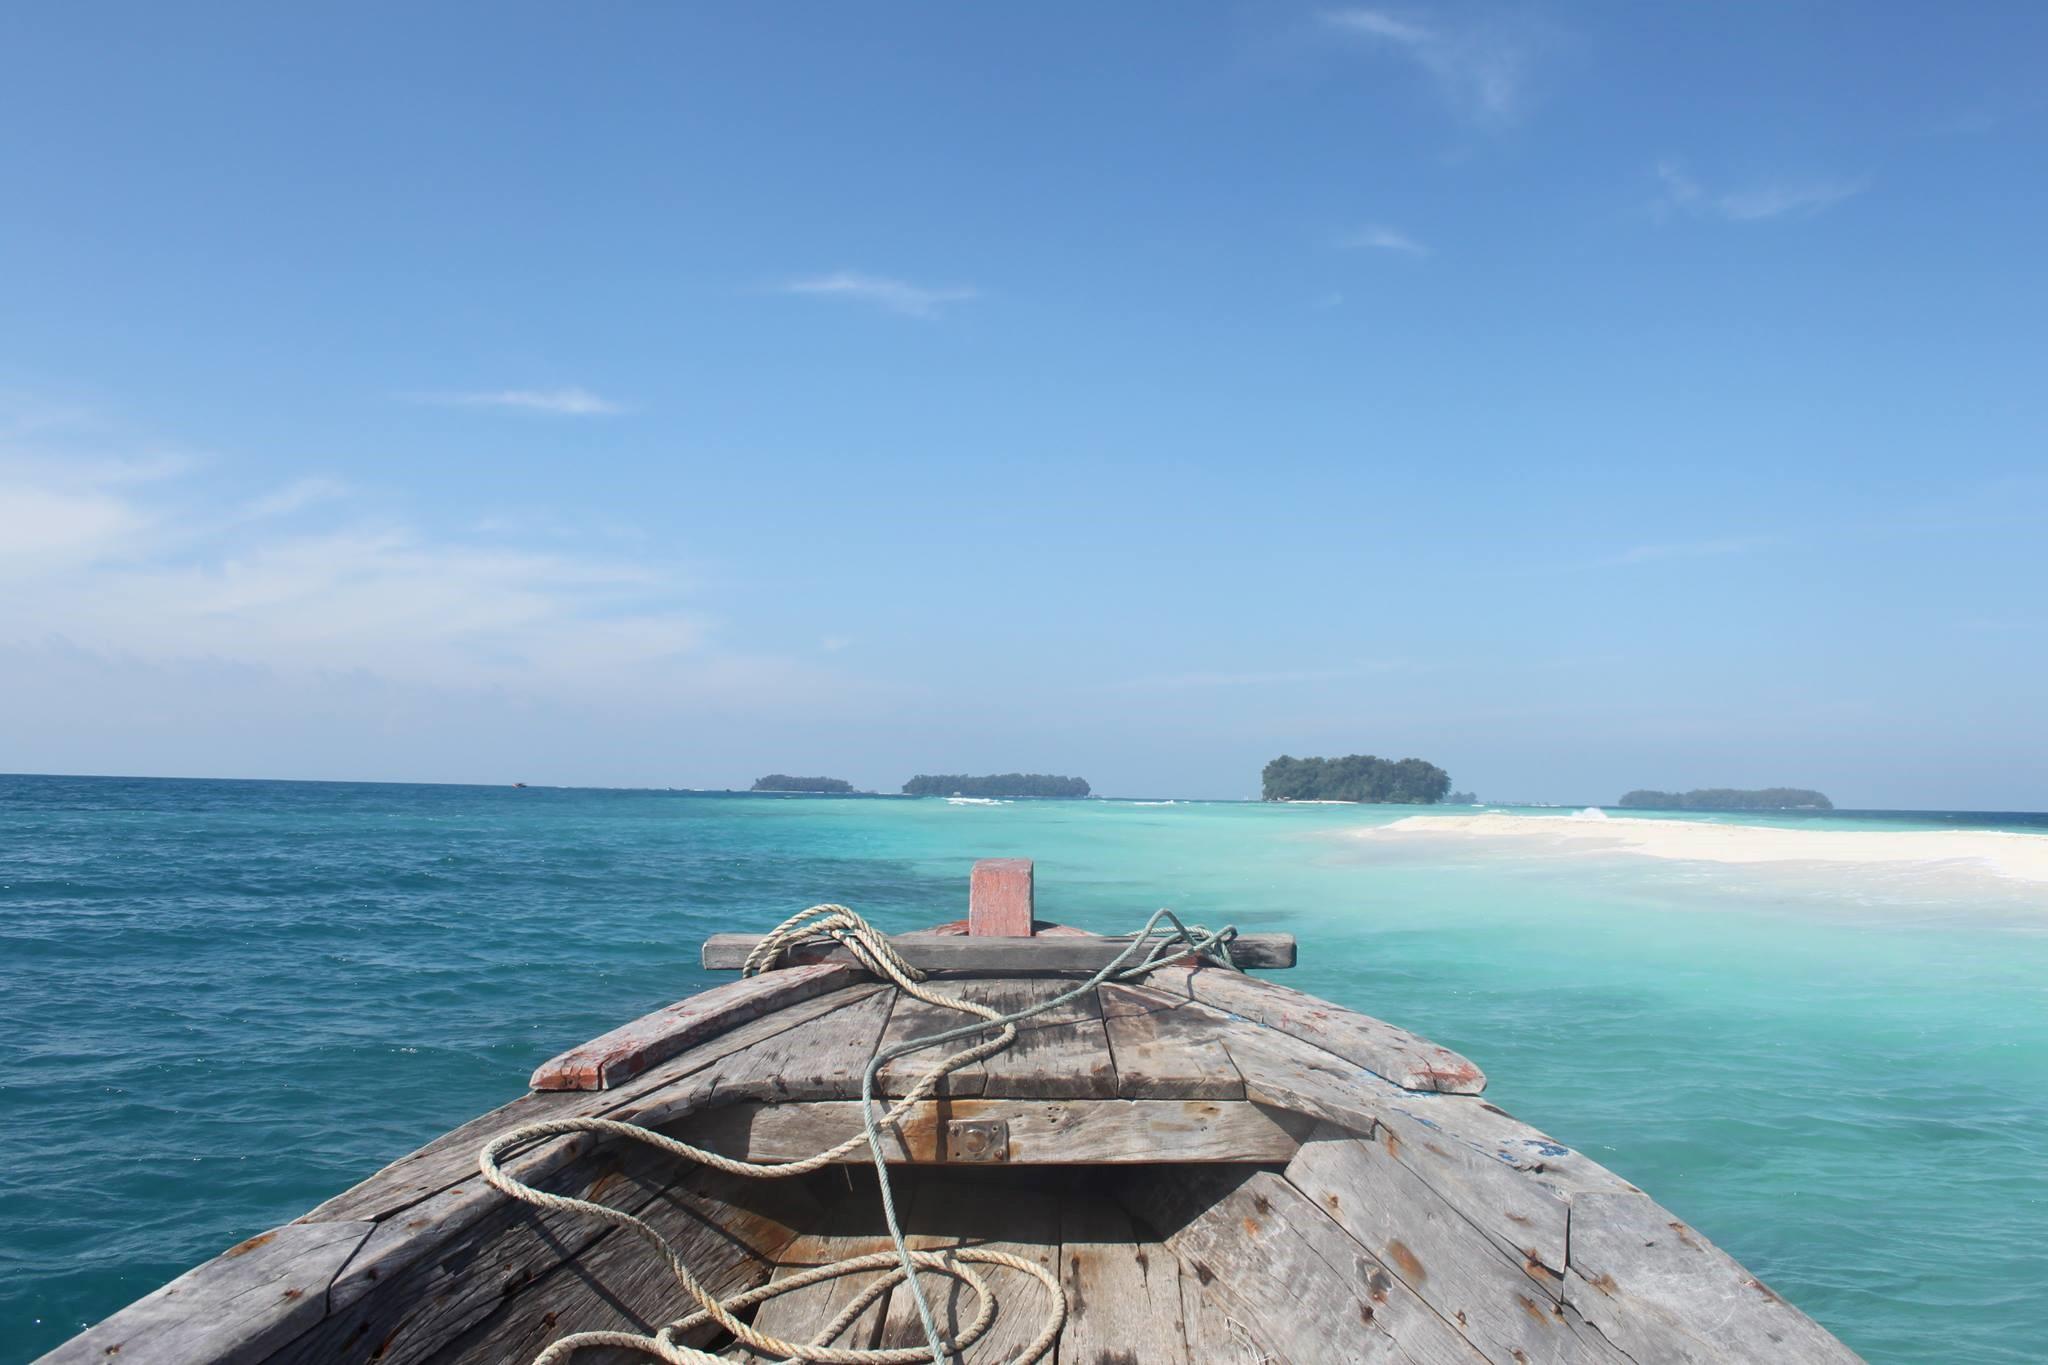 Strandausflug-von-Jakarta-Luise